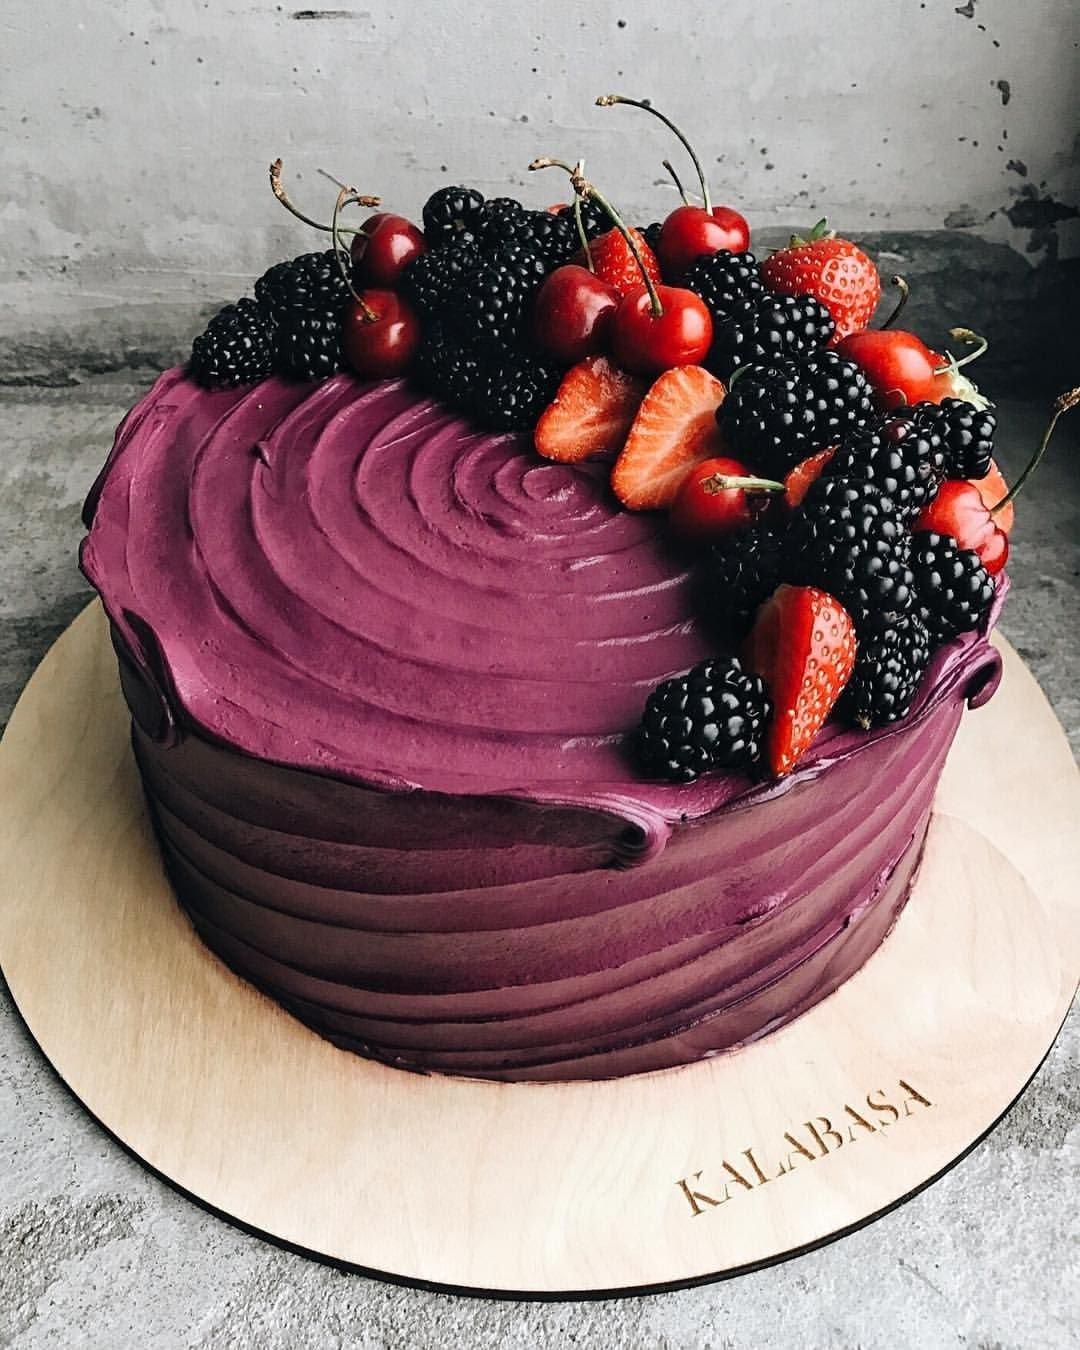 грыже обычно интересное оформление тортов фото отлично подходит